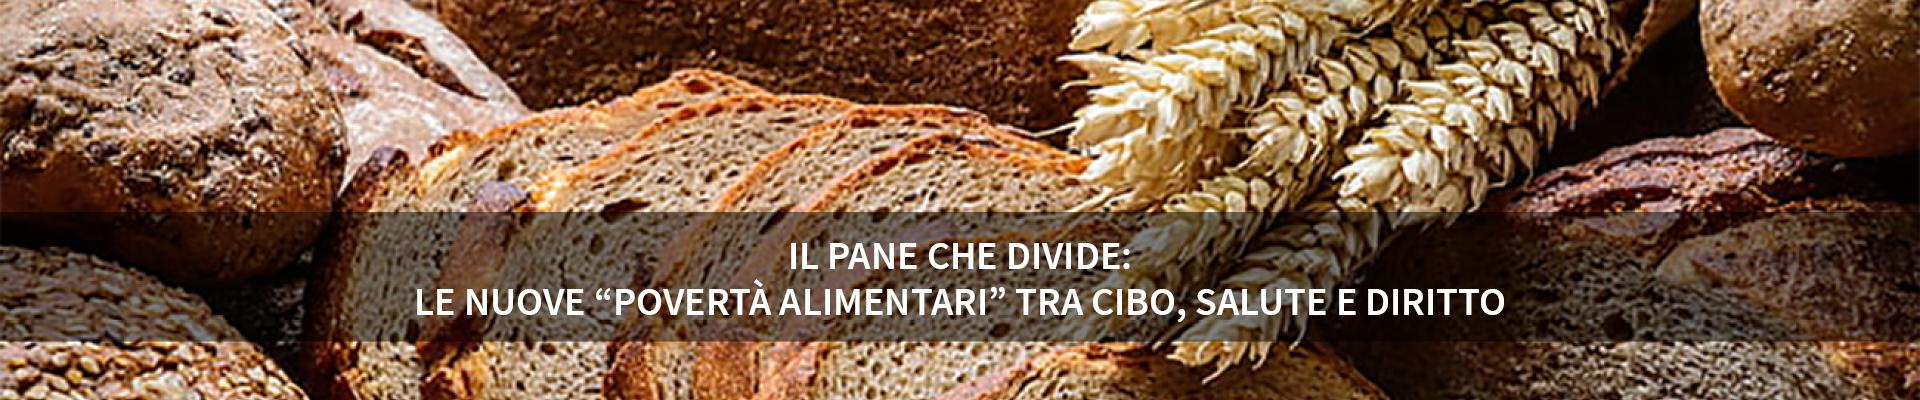 Il pane che divide: le nuove 'povertà alimentari' tra cibo, salute e diritto -